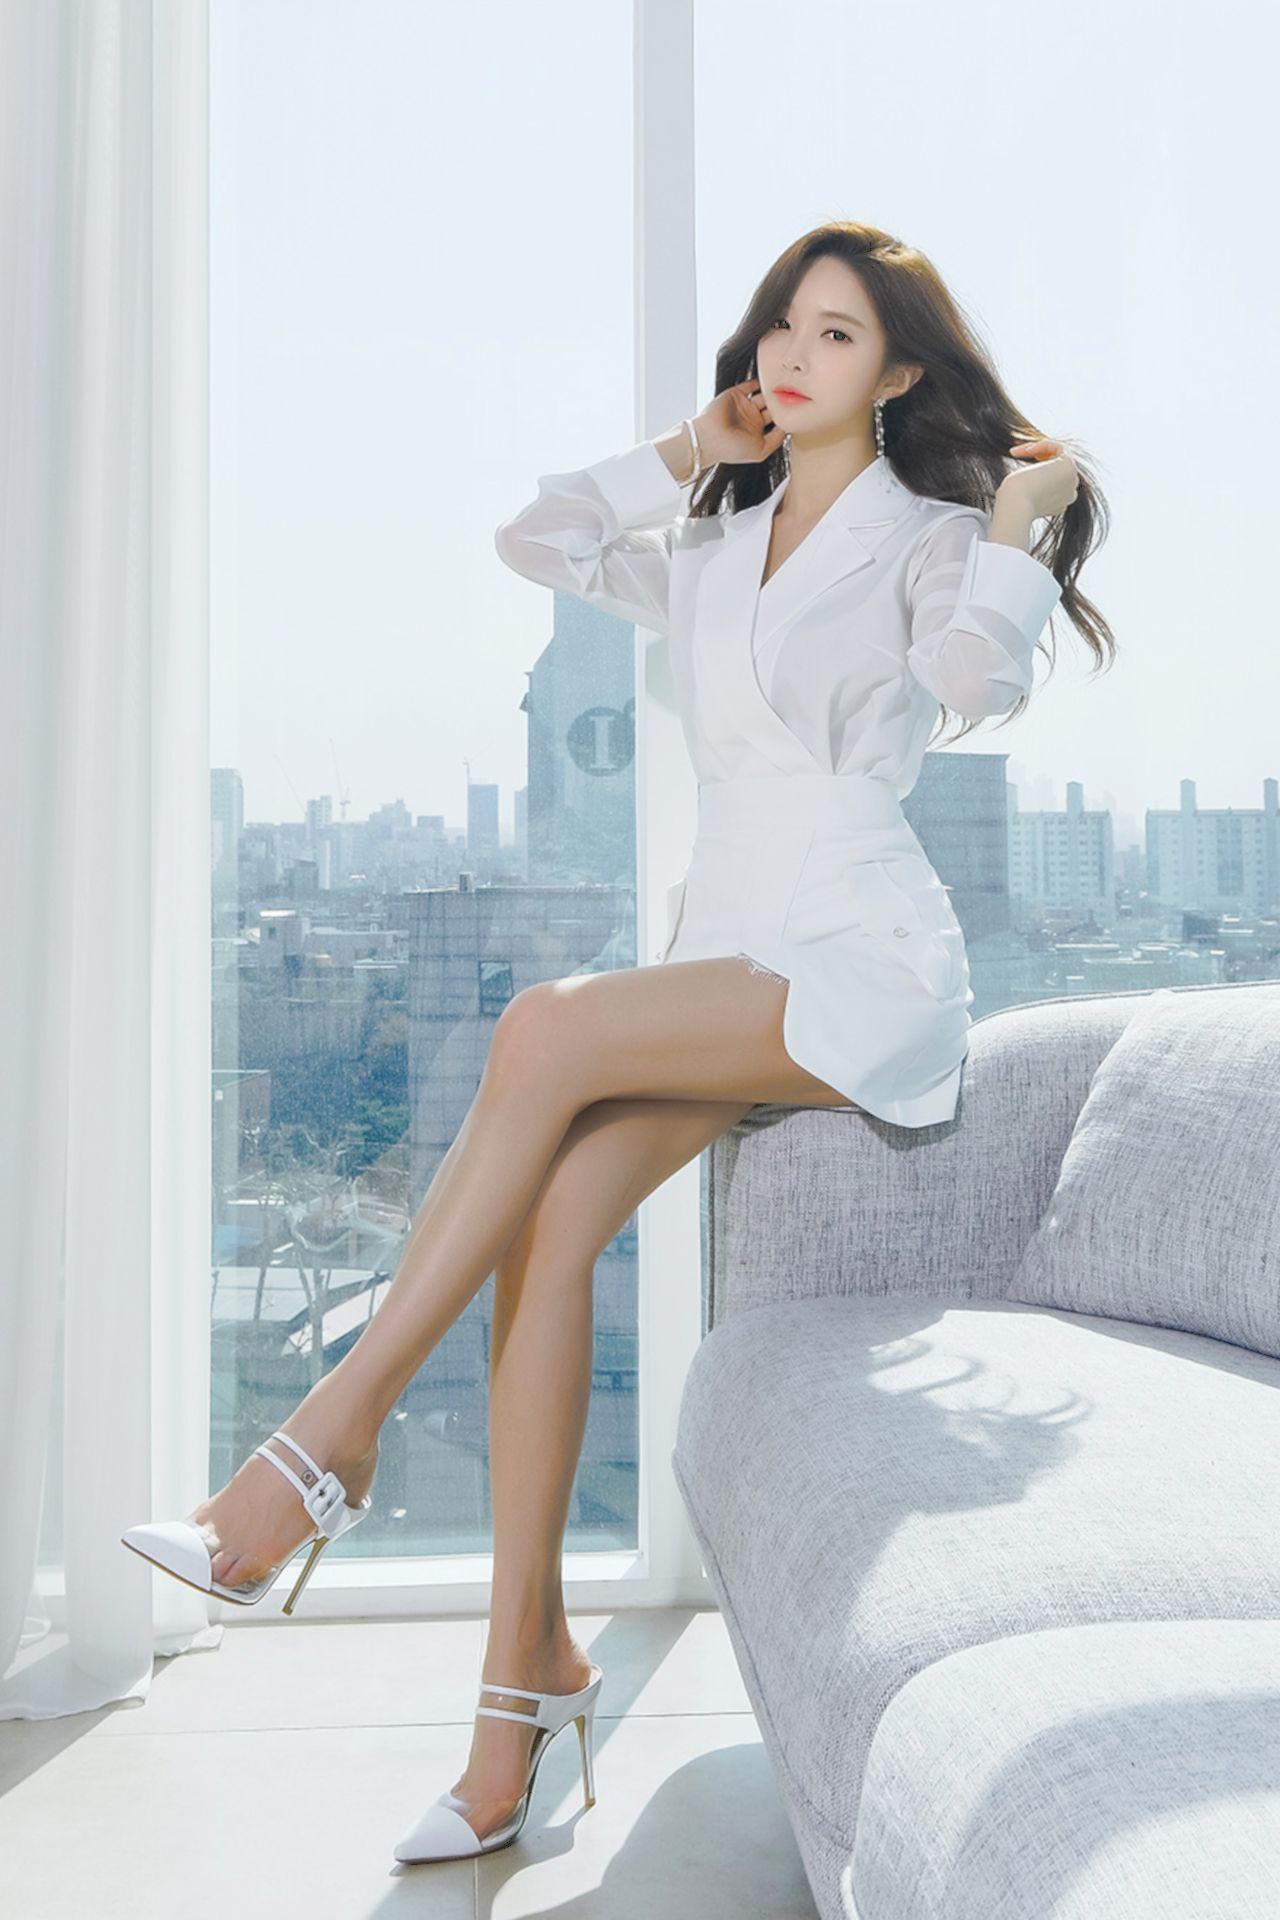 soumy1902kmod: 박수연 (朴秀妍 - ParkSooYeon) 코코엠 16am1331 (1/2)